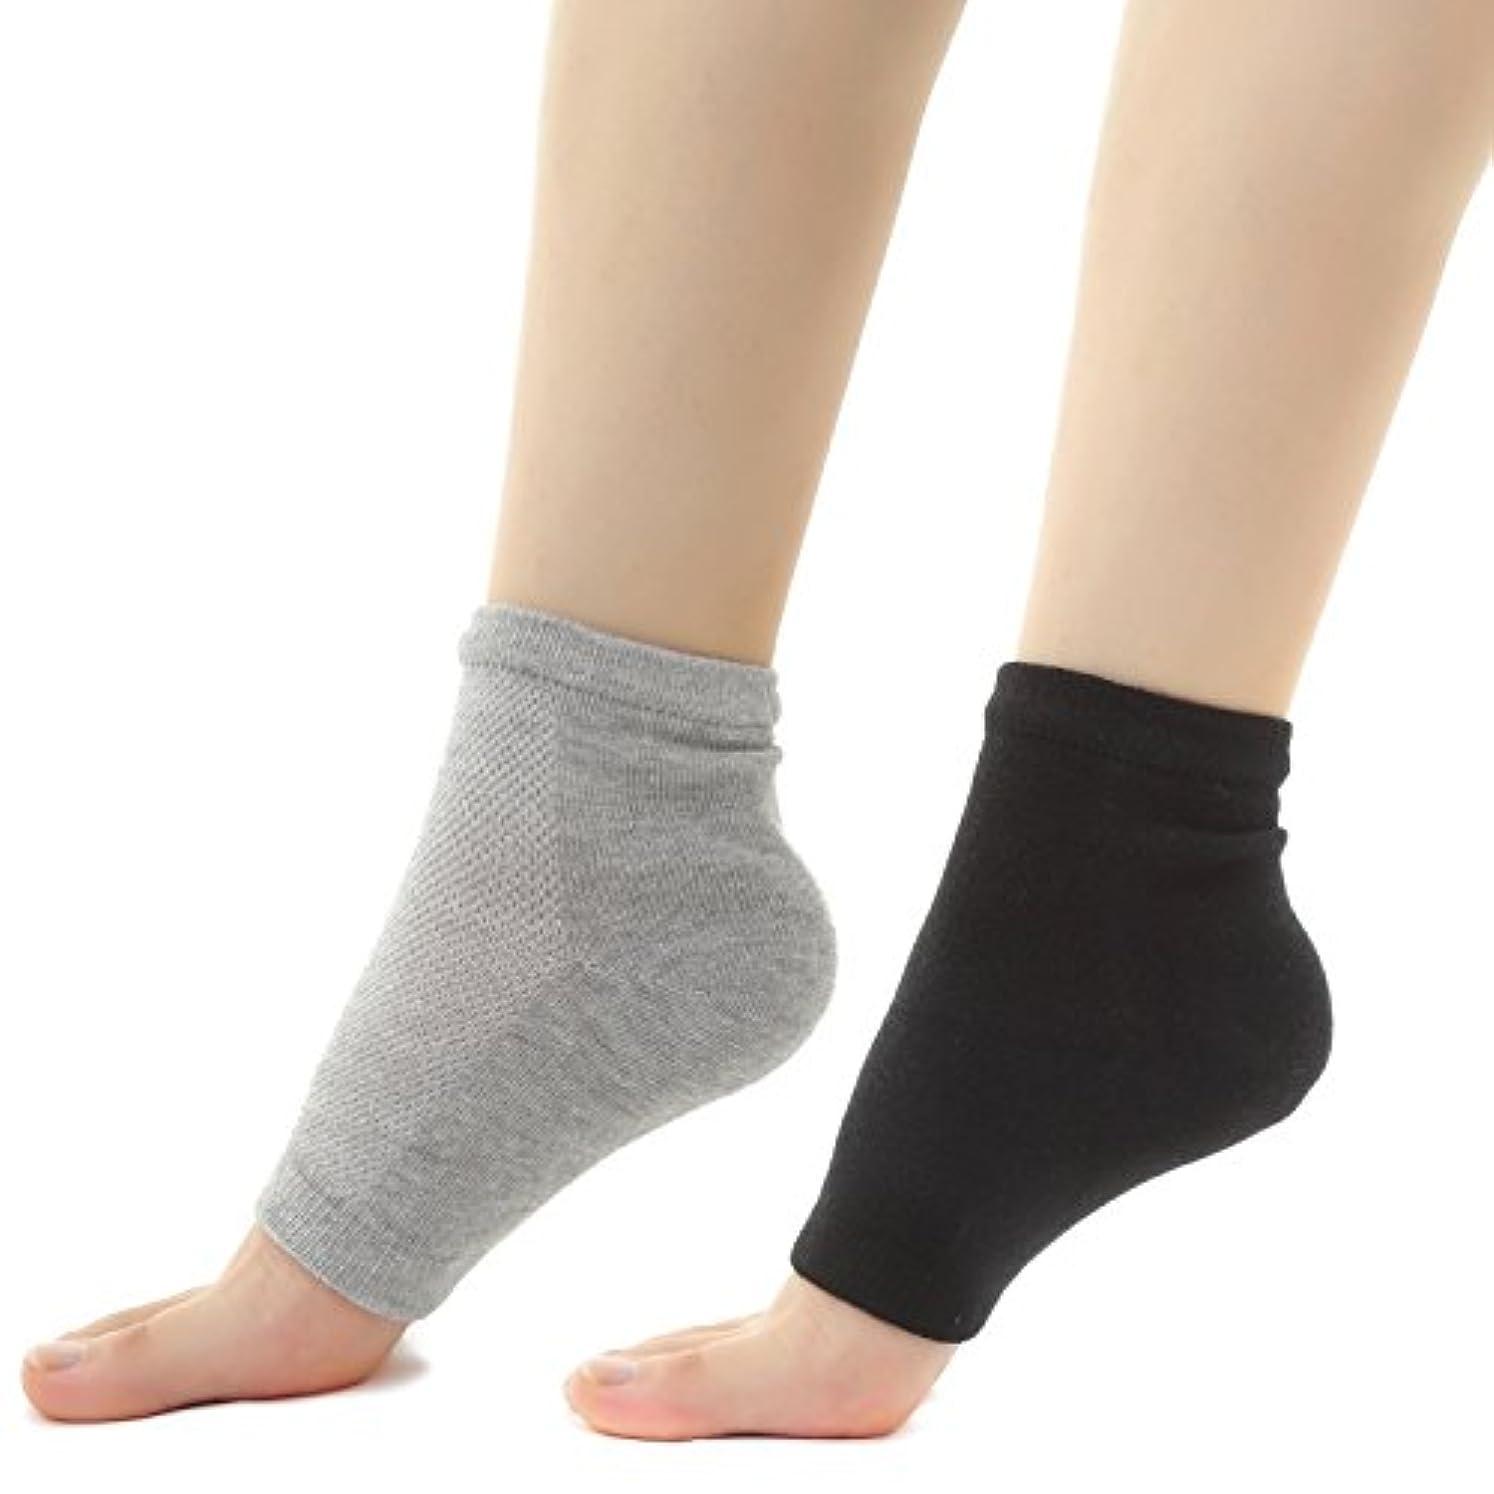 直接ショート福祉Muiles かかと 靴下 ソックス 角質取り 保湿 ひび割れ かかとケア レディース メンズ 男女兼用【1足~3足】(2足セット グレー、ブラック)